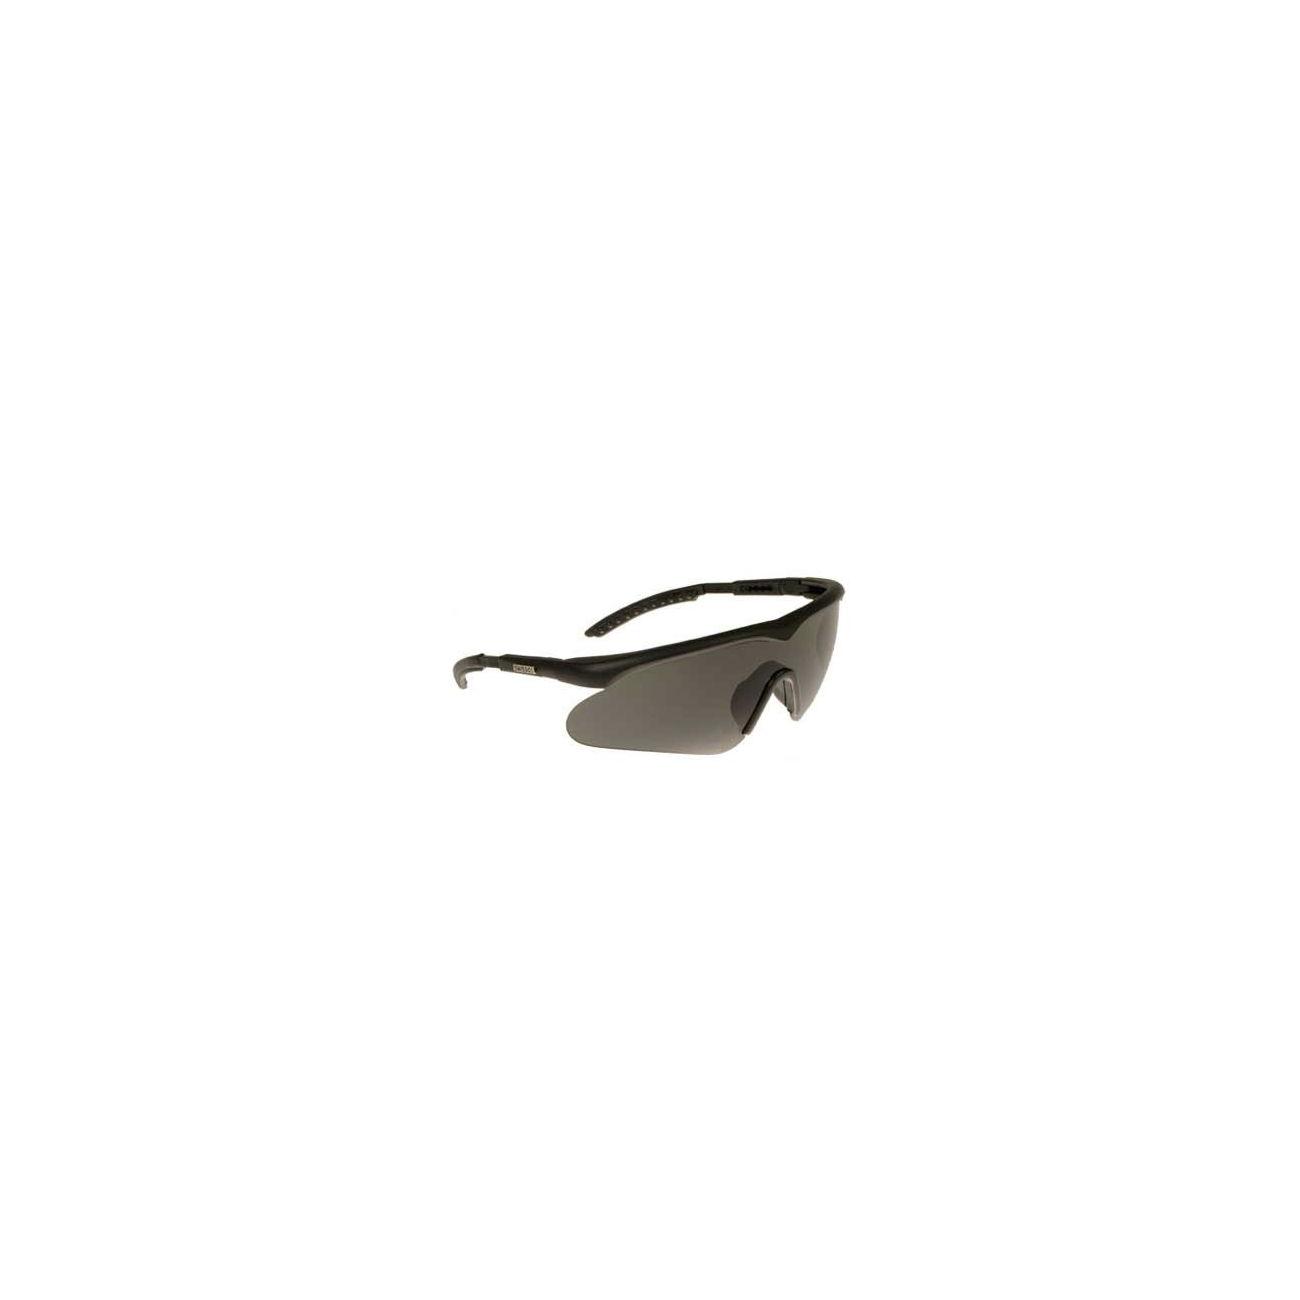 Schutzbrille Airsoft Paintball Sonnenbrille Swiss Eye Raptor schwarz